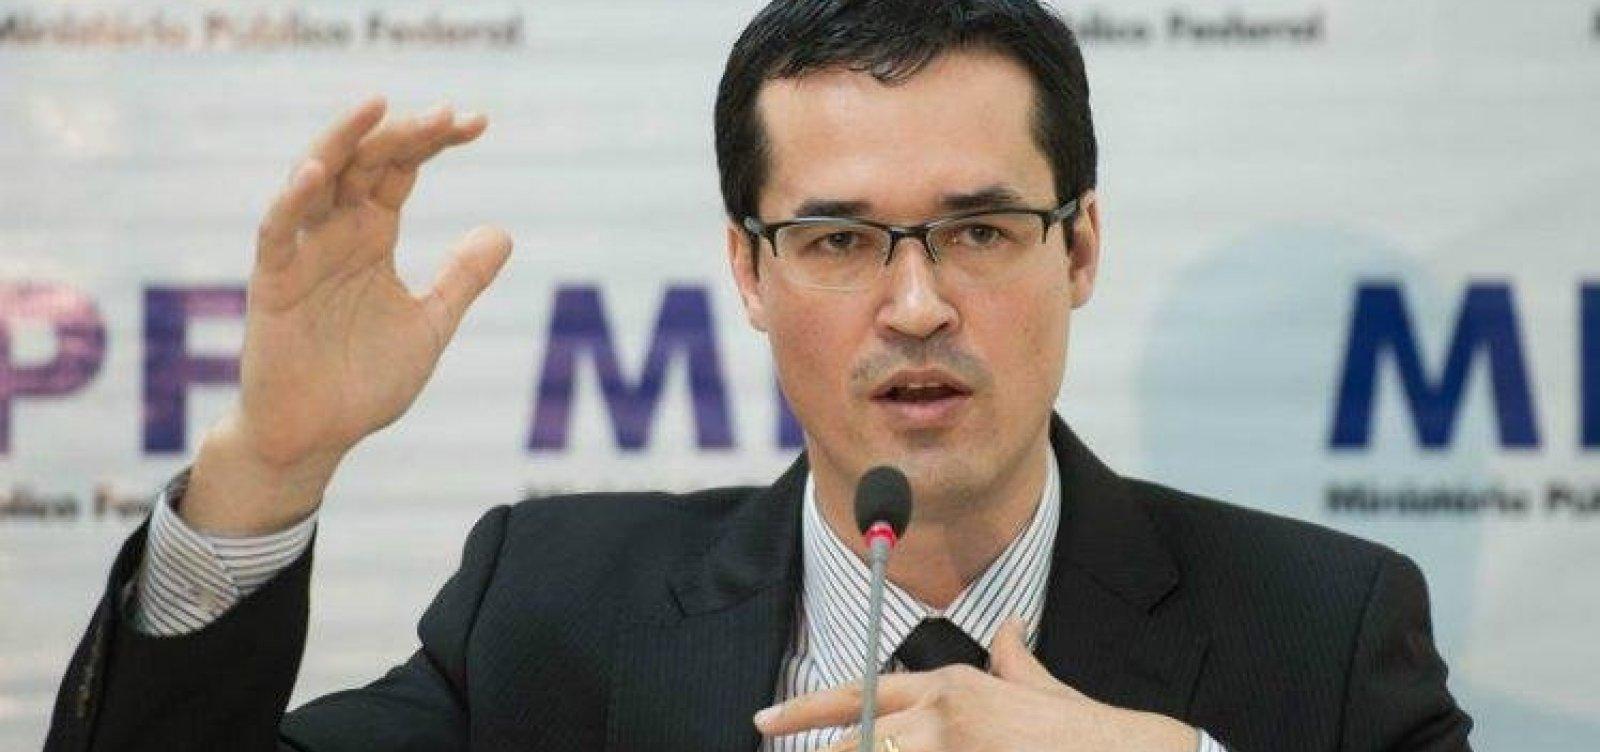 Procuradoria avalia 'saída honrosa' da força-tarefa da Lava Jato para Dallagnol